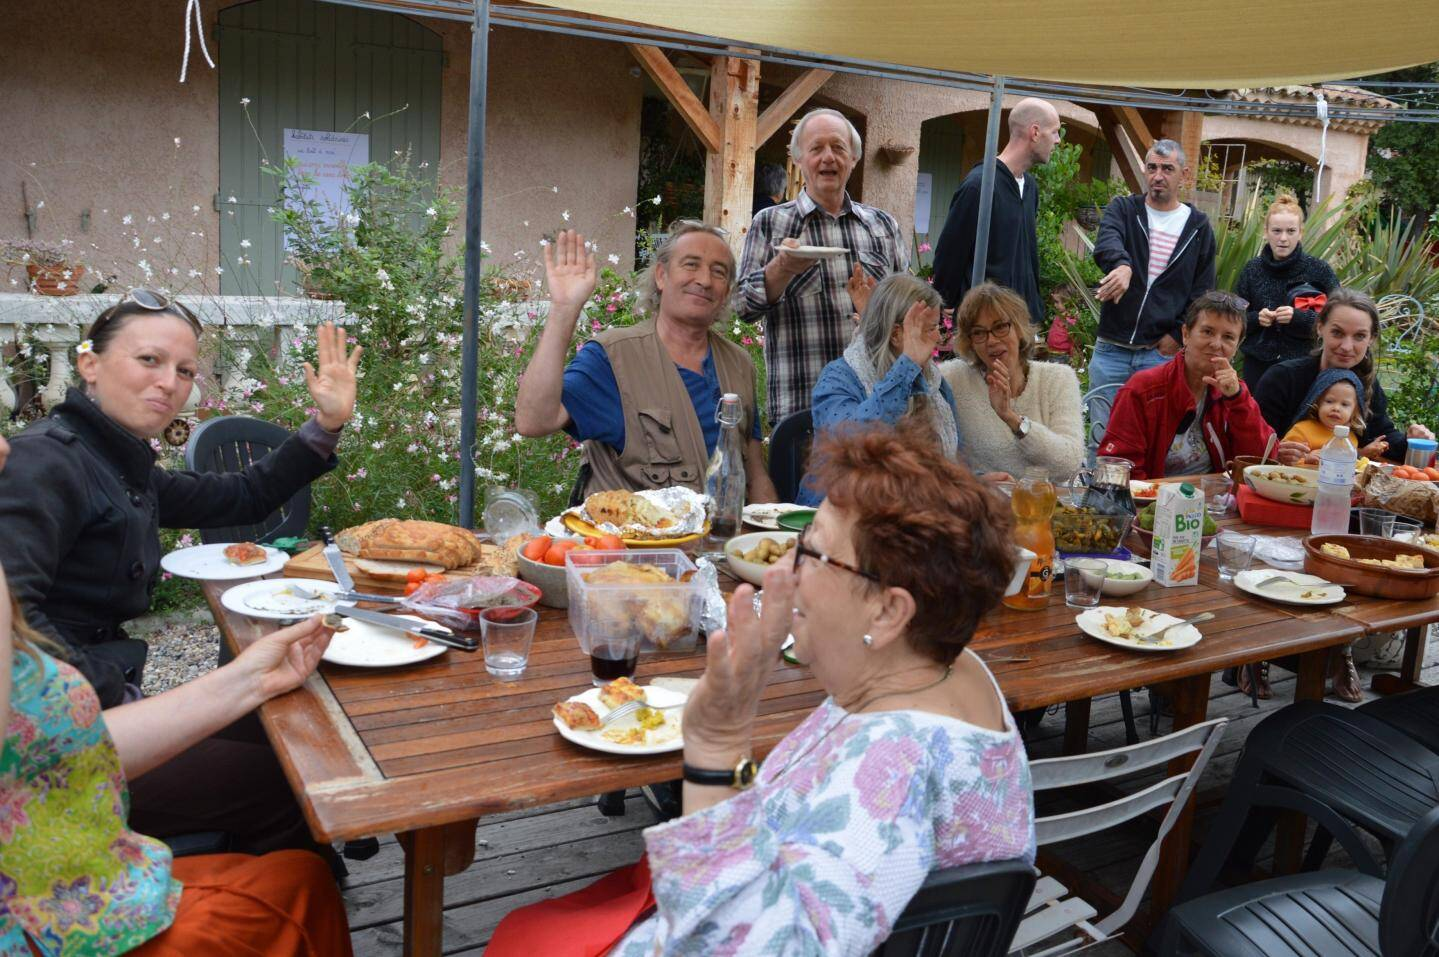 Pour le repas, chacun avait apporté son écot. Les échanges de recettes, de conseils ont créé des liens autour du projet commun de transition.